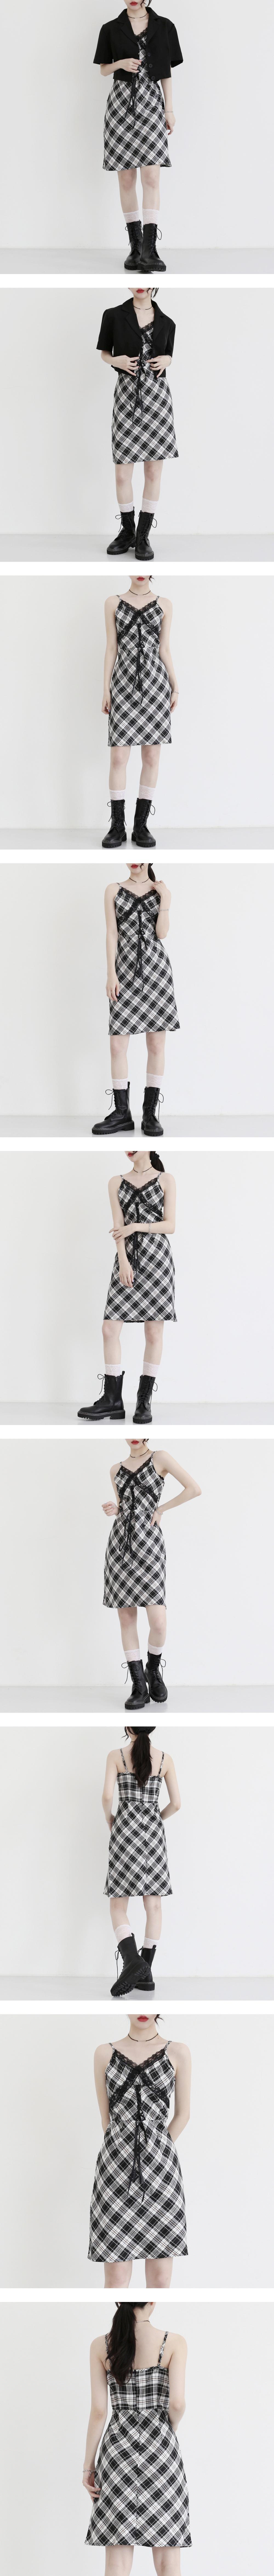 Maron check sleeveless Dress